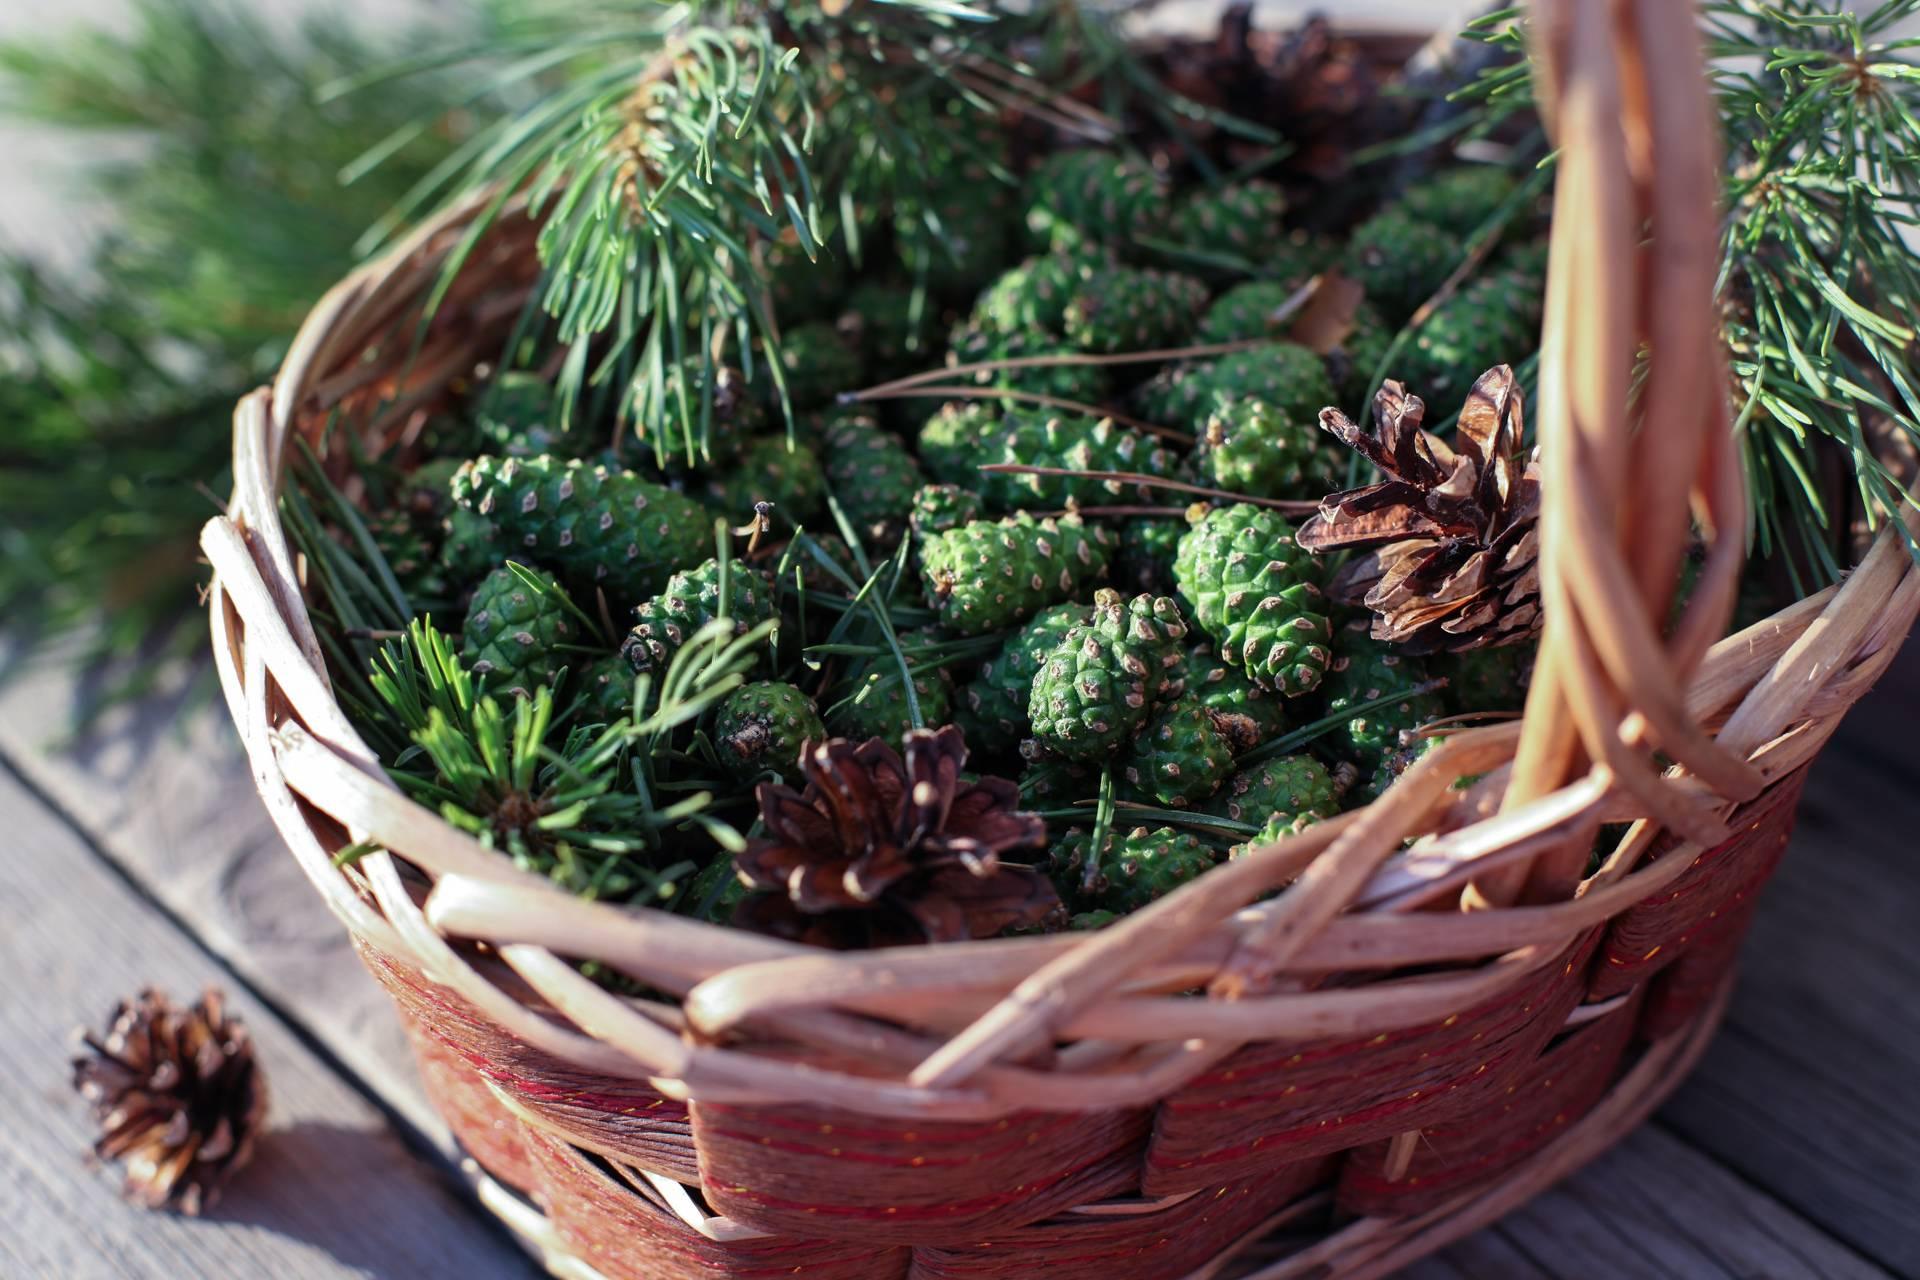 Сосновые шишки: использование в домашних условиях, лечебные свойства и противопоказания